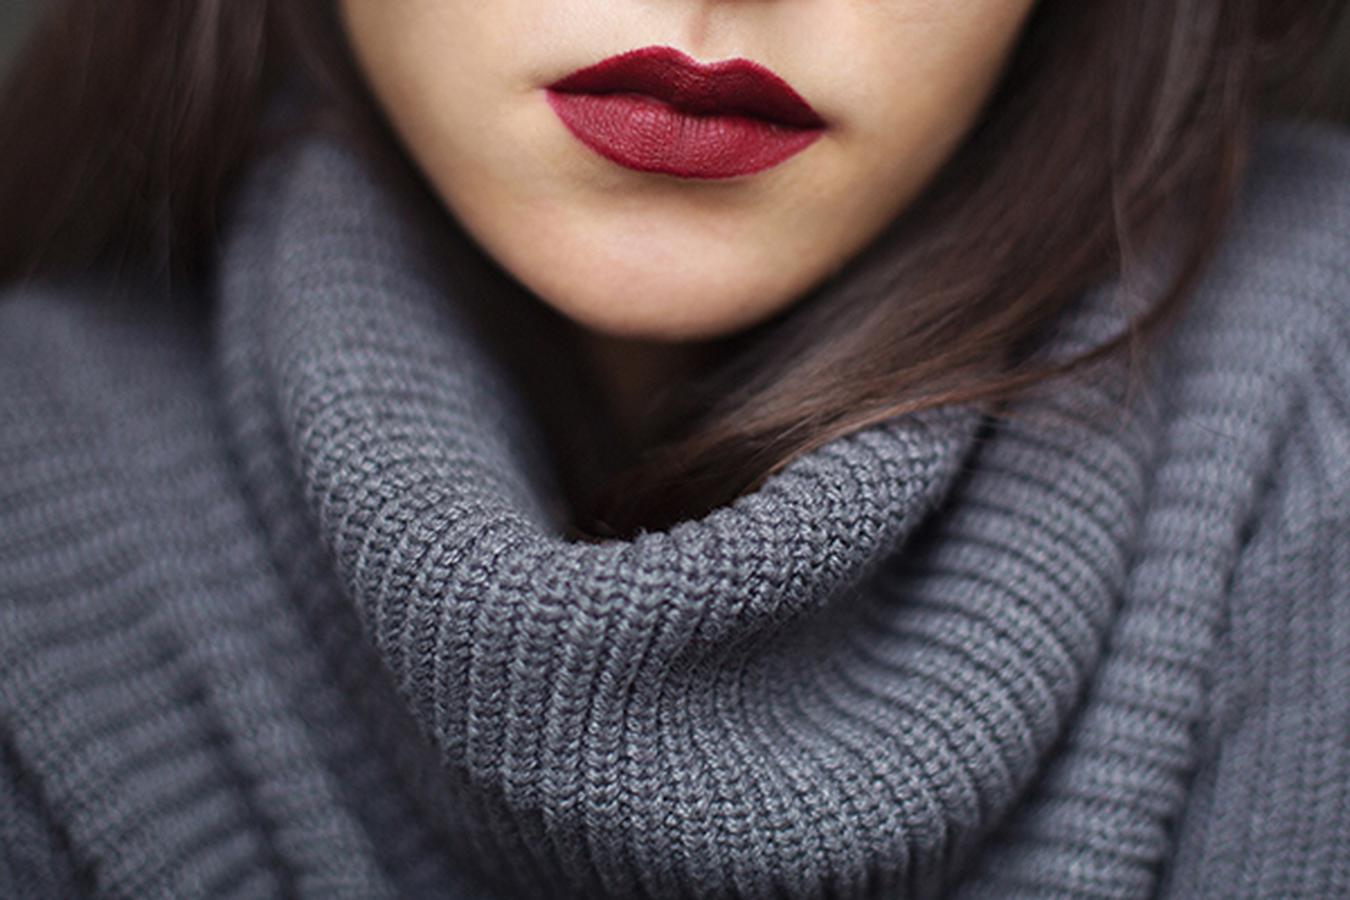 Son Mac Màu Đỏ Mận Mac Diva Matte Lipstick Sang Trọng